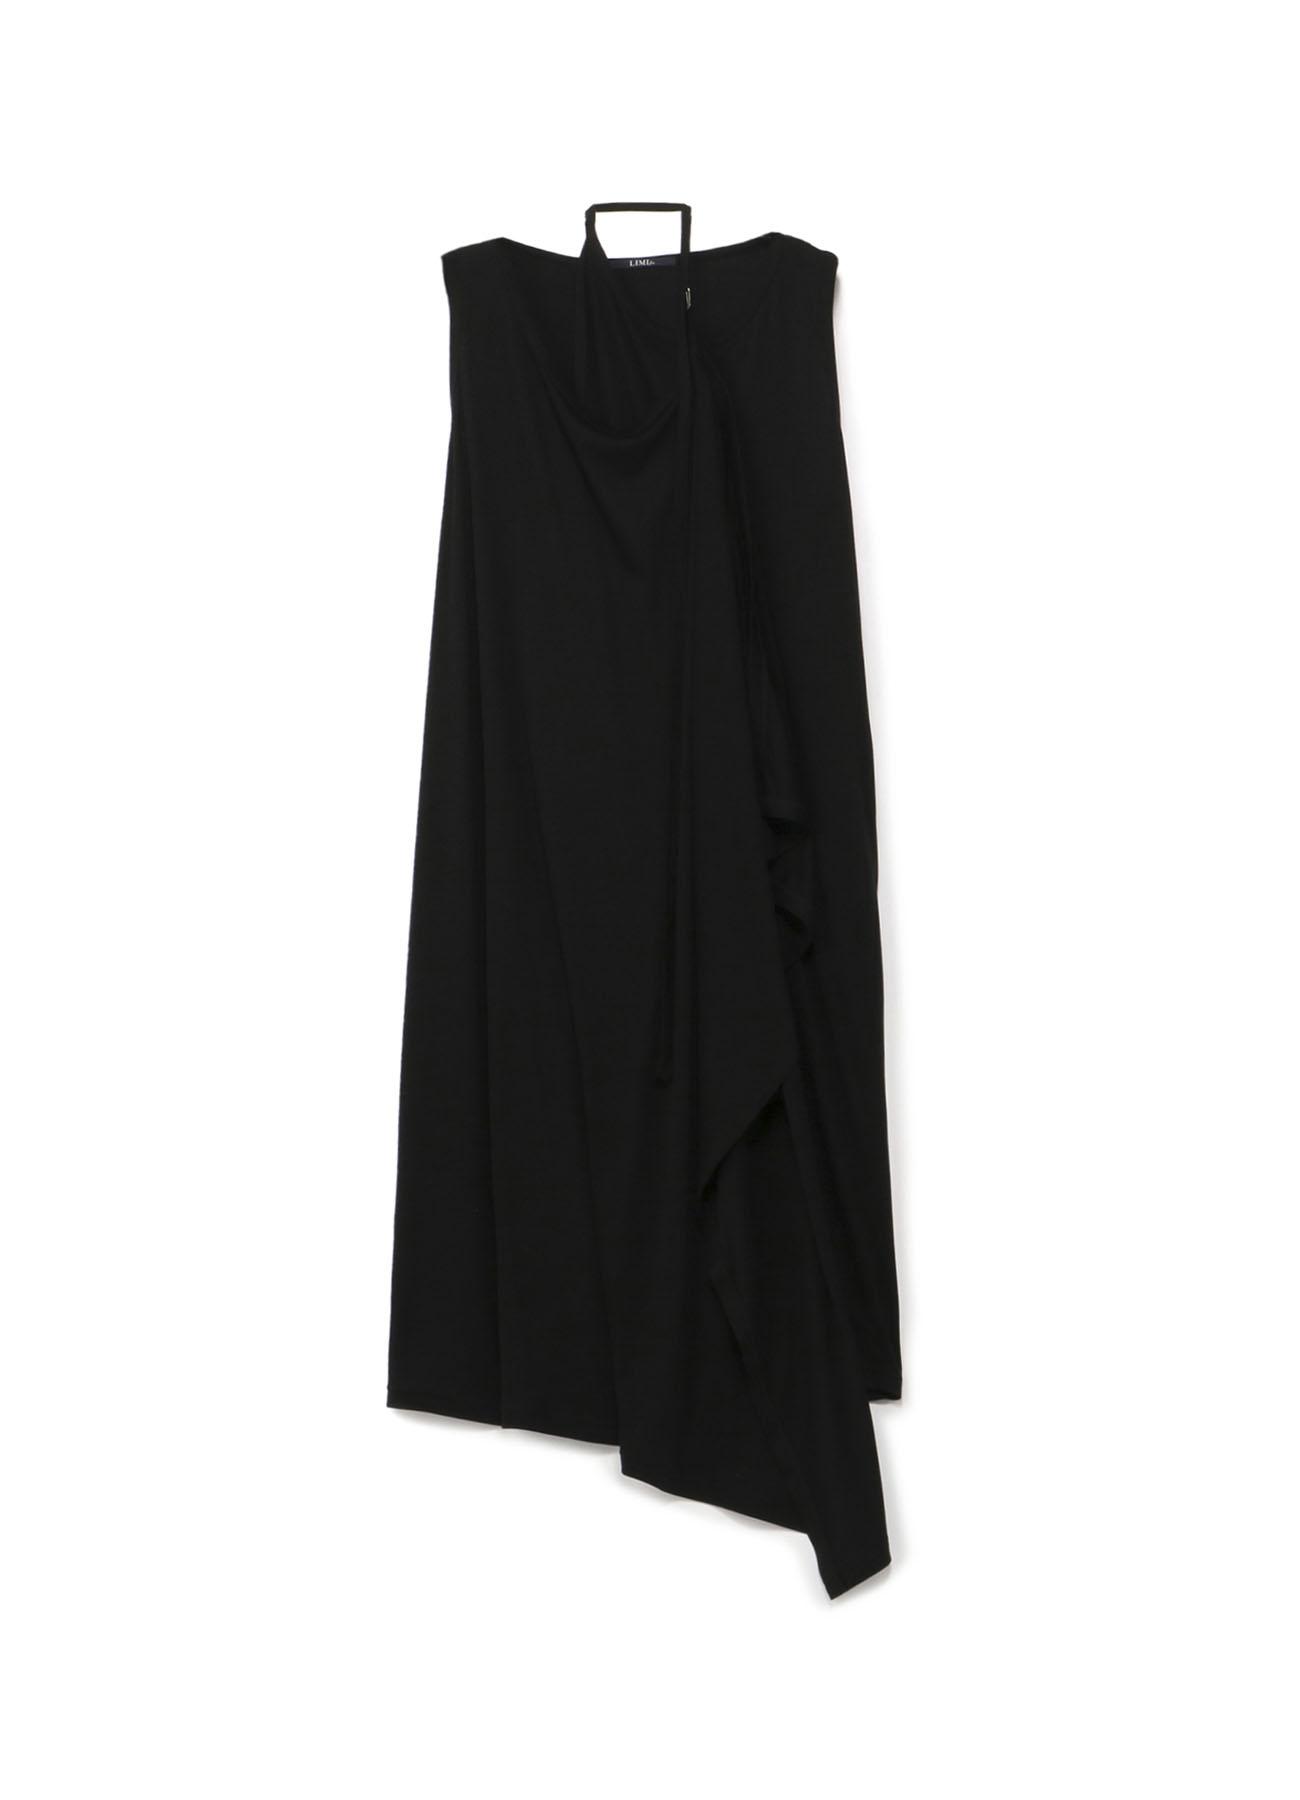 层叠无袖连衣裙